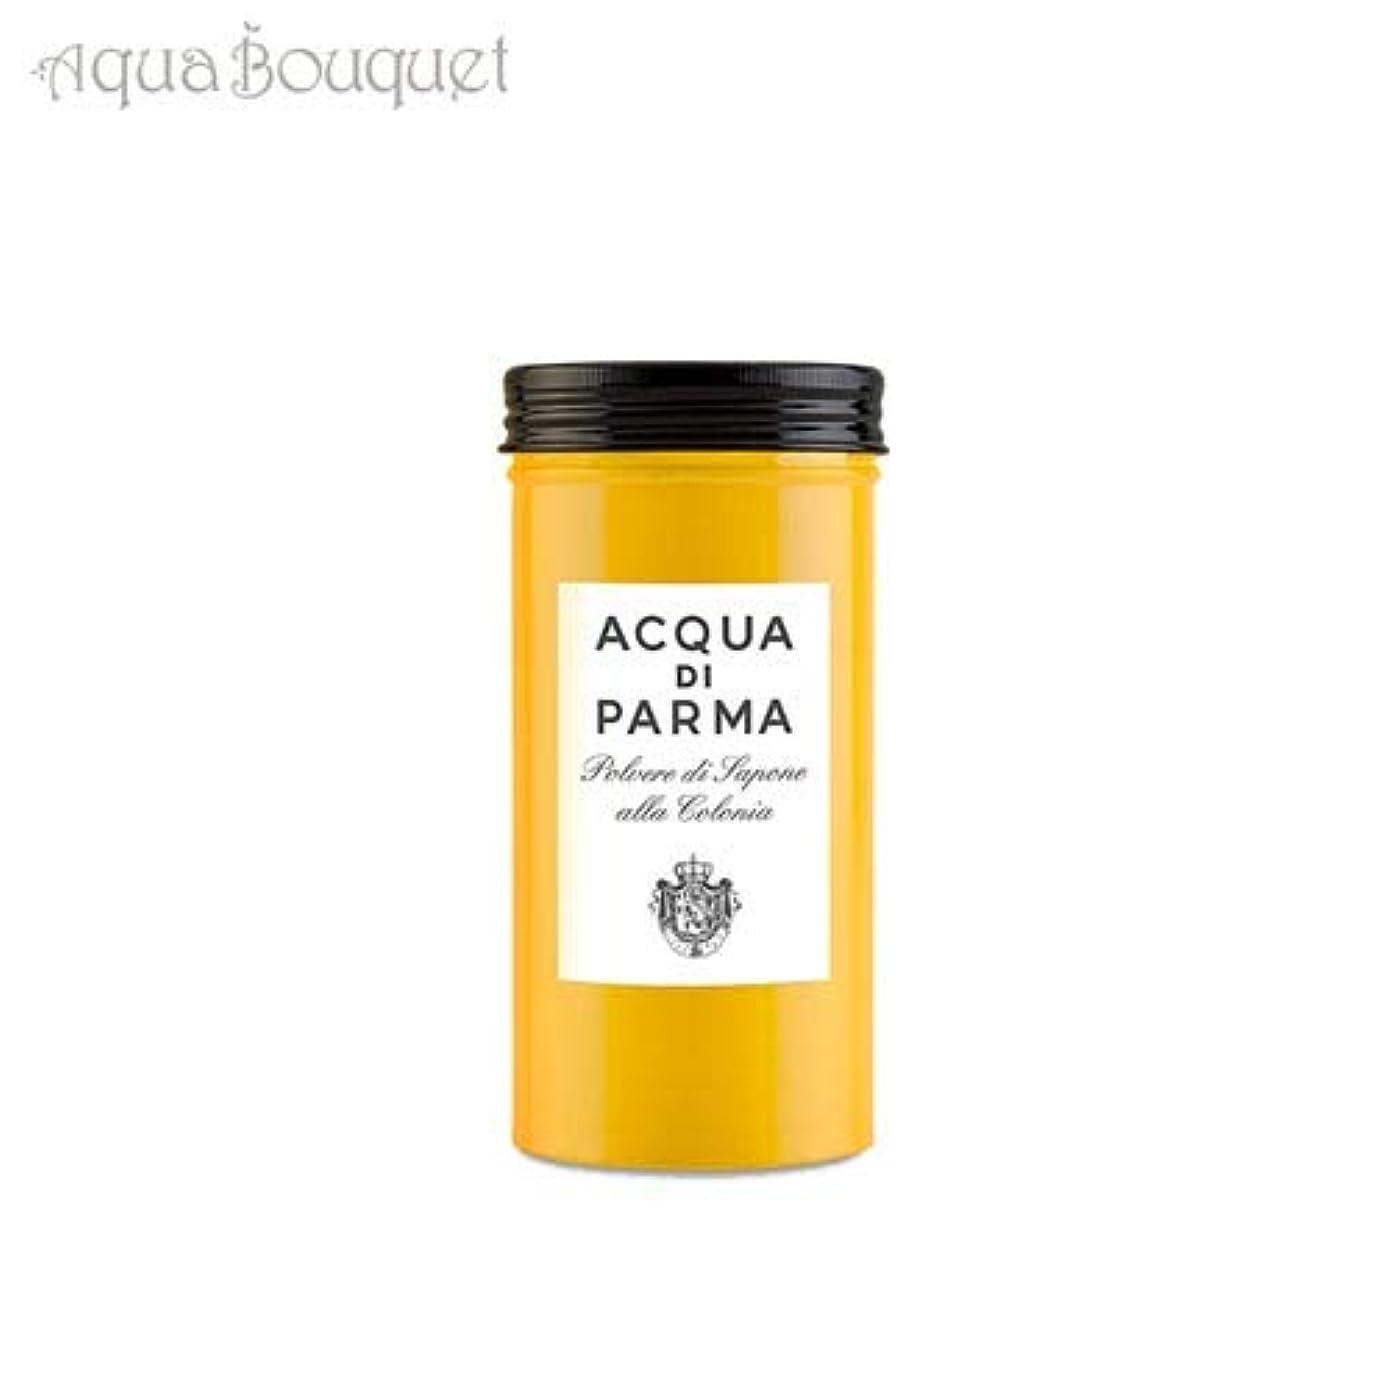 車さらにサスペンションアクア ディ パルマ コロニア パウダーソープ 70g ACQUA DI PARMA COLONIA POWDER SOAP [0422] [並行輸入品]